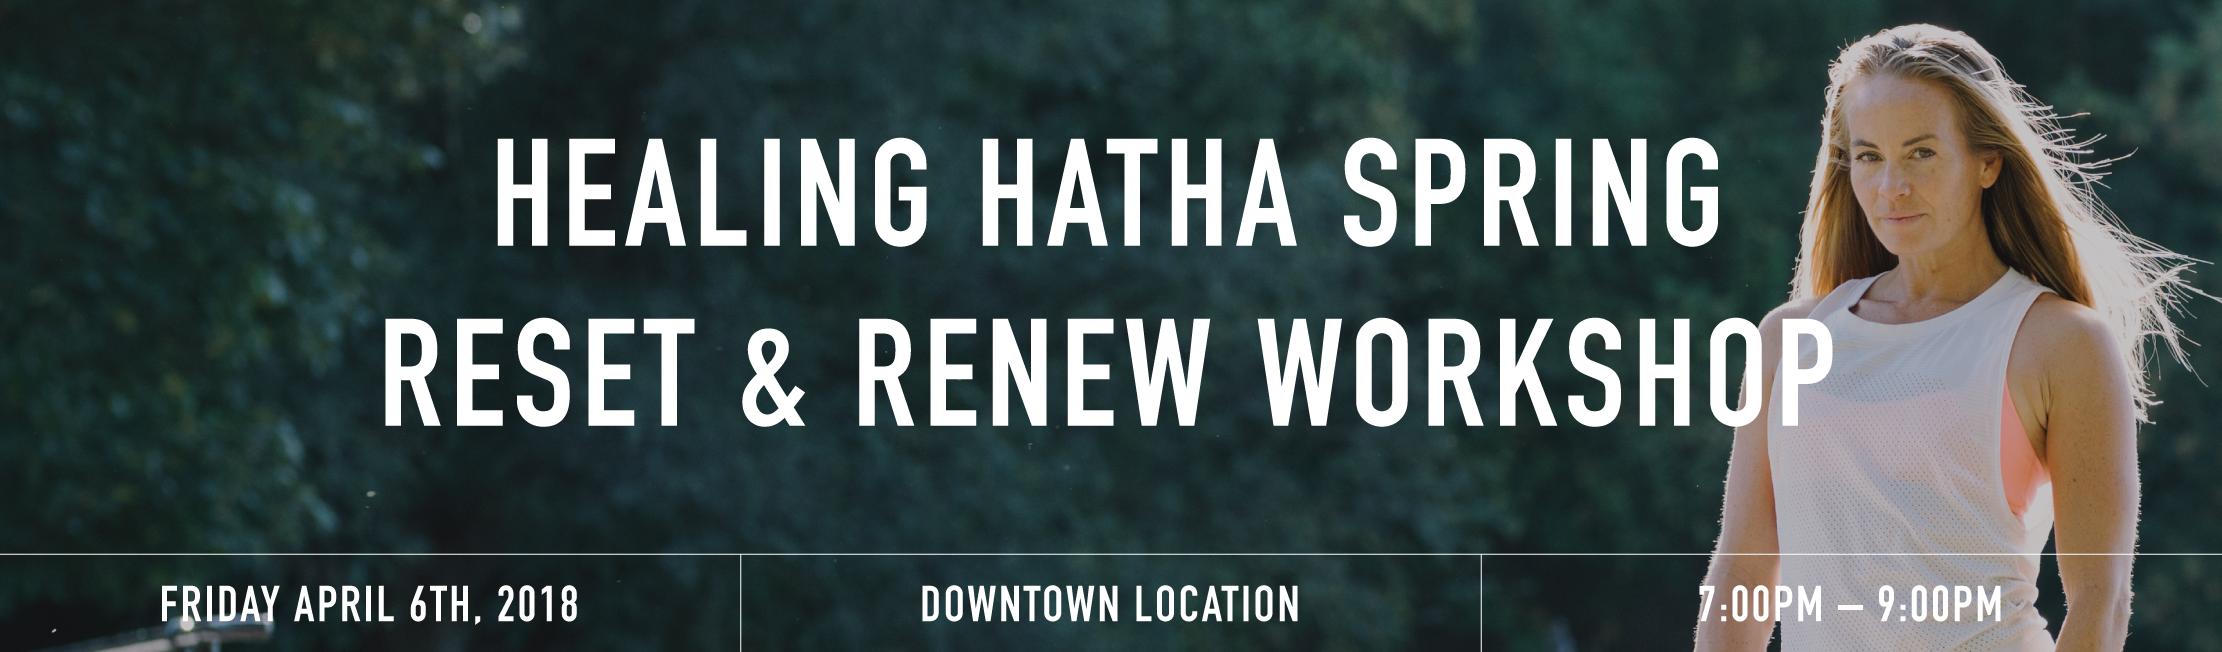 Healing hatha banner